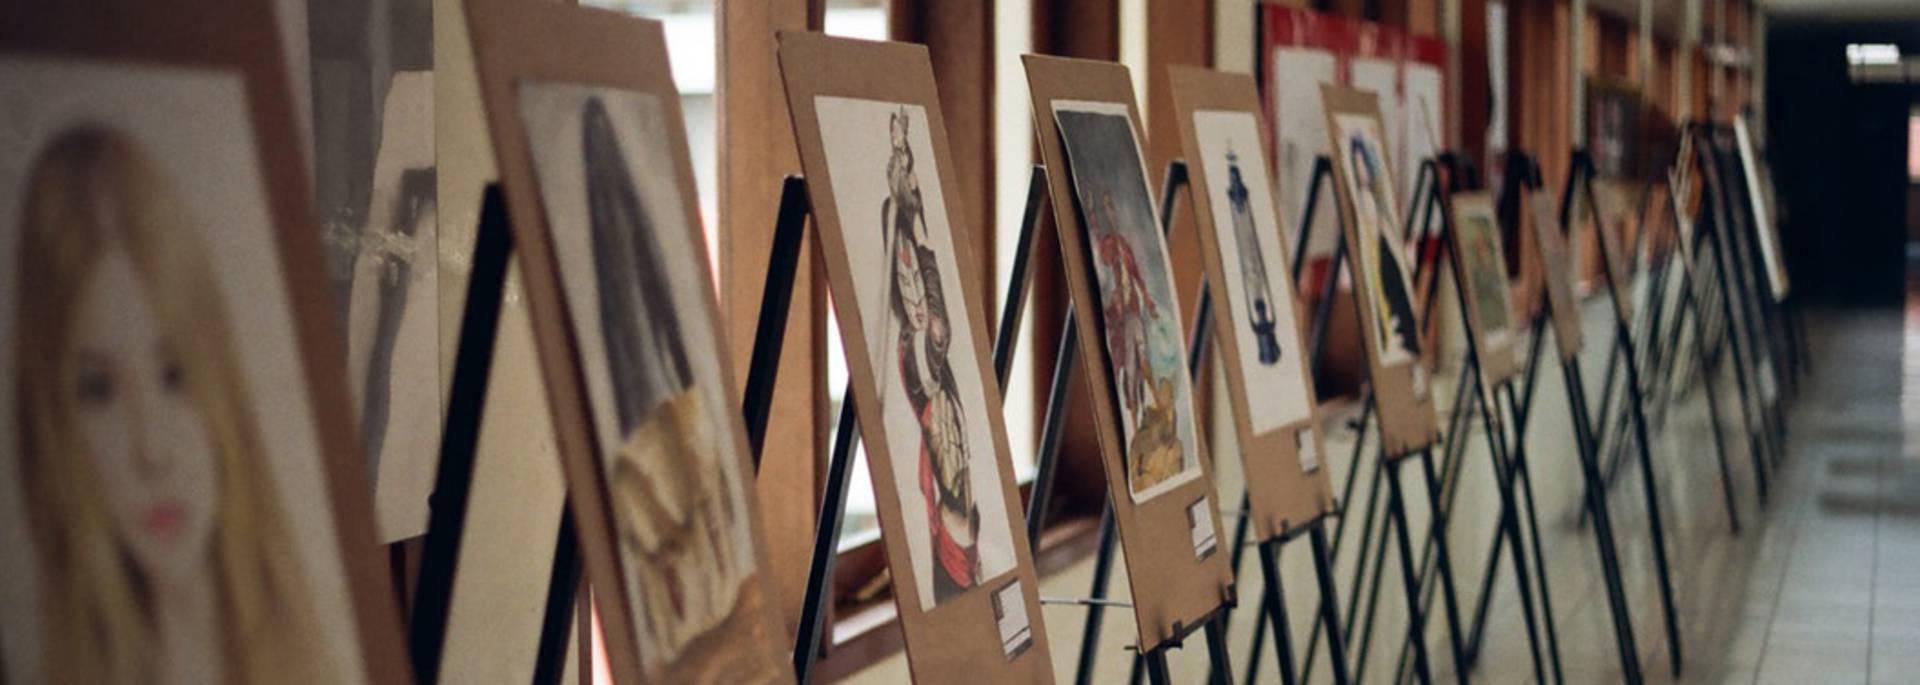 Fête des Images - Evénement Epinal - Images Epinal - Projection d'images